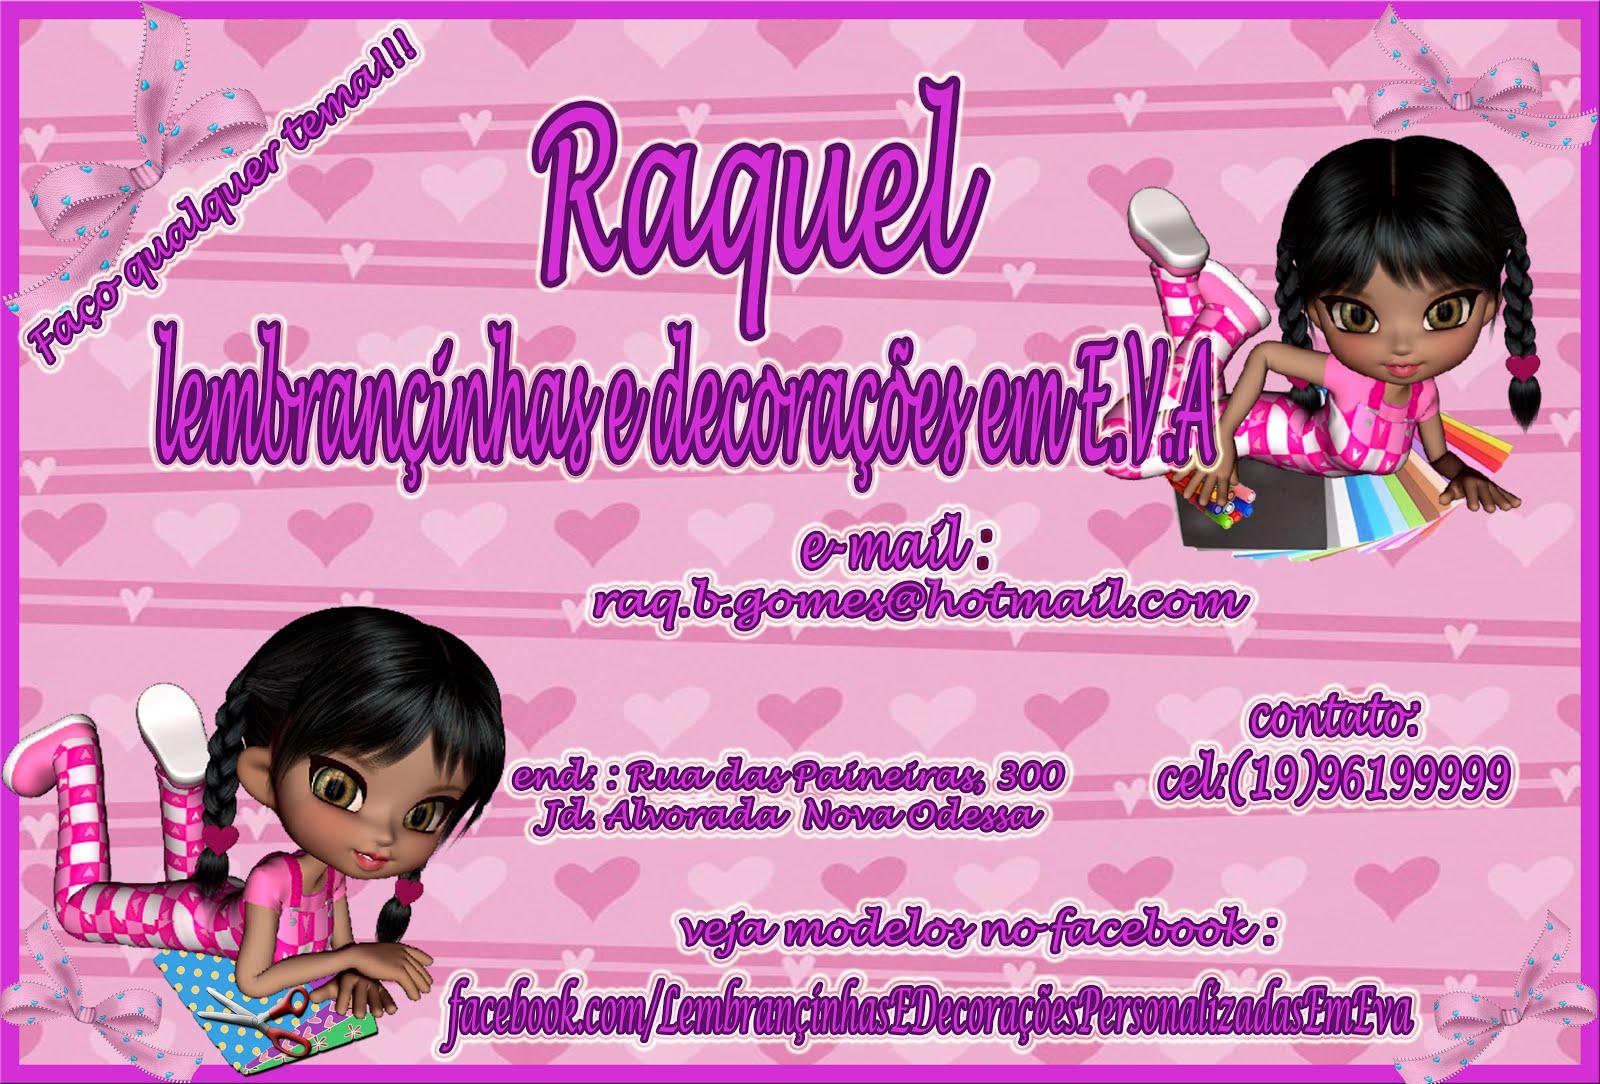 Raquel lembrançinhas e decorações personalizadas em E.V.A